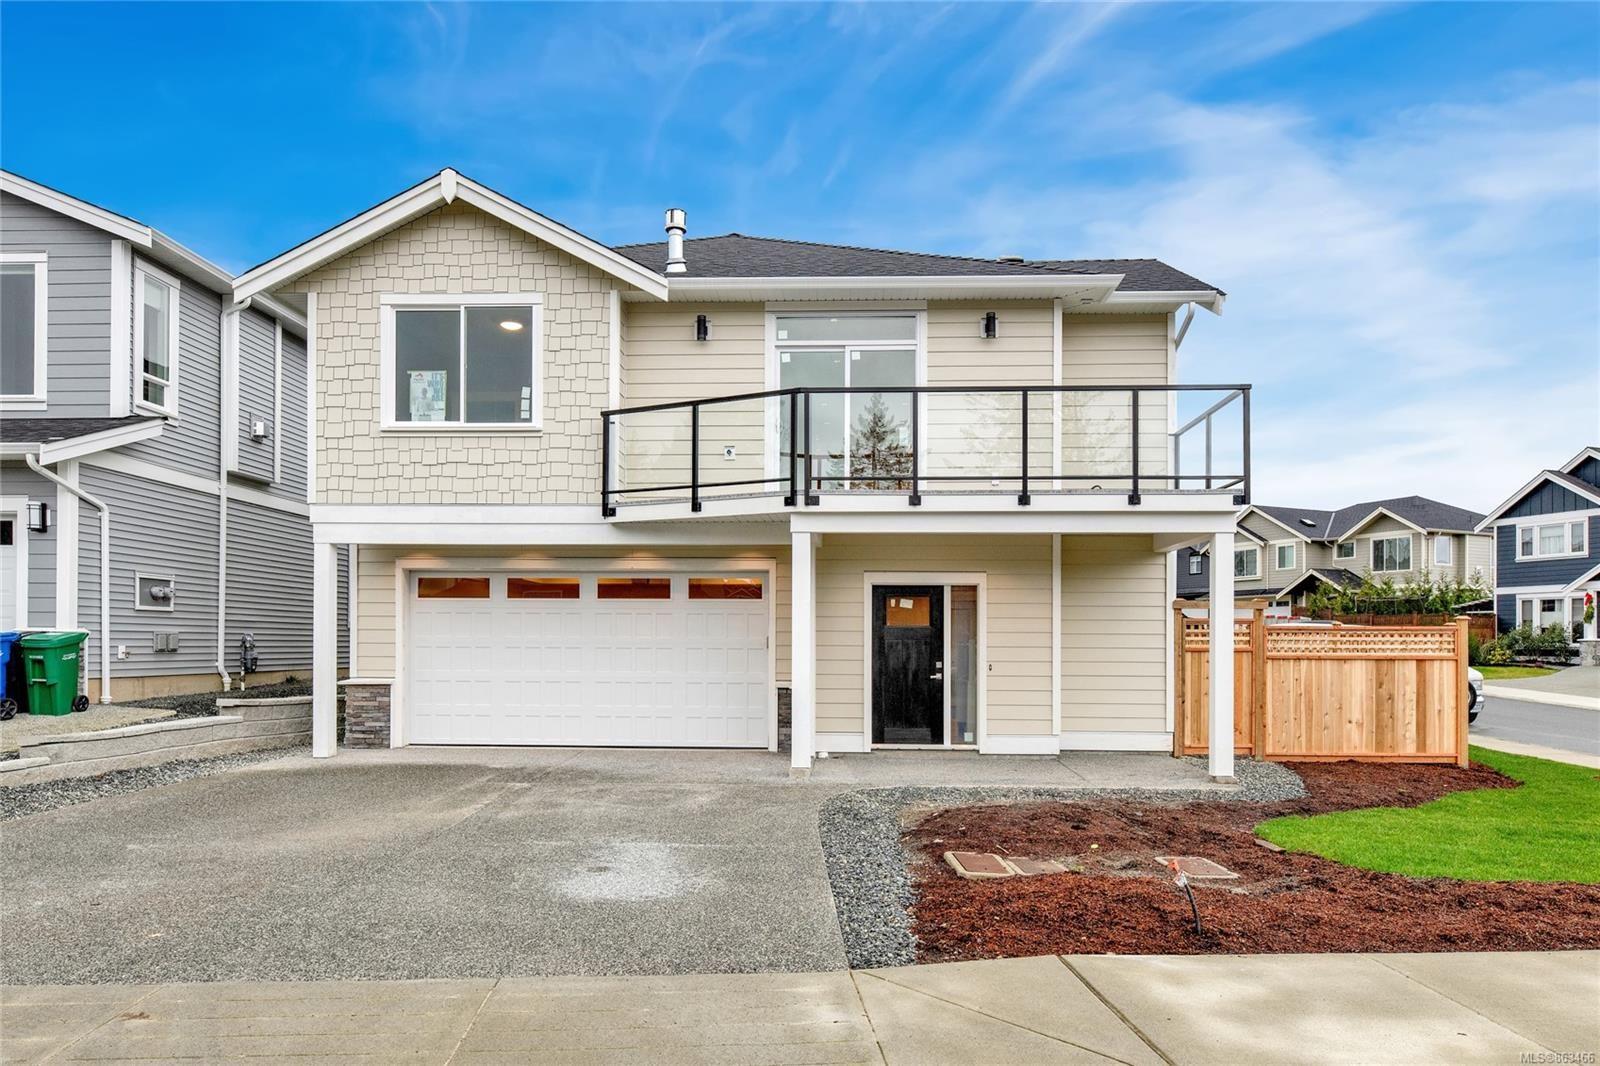 Main Photo: 5781 Linyard Rd in : Na North Nanaimo House for sale (Nanaimo)  : MLS®# 863466